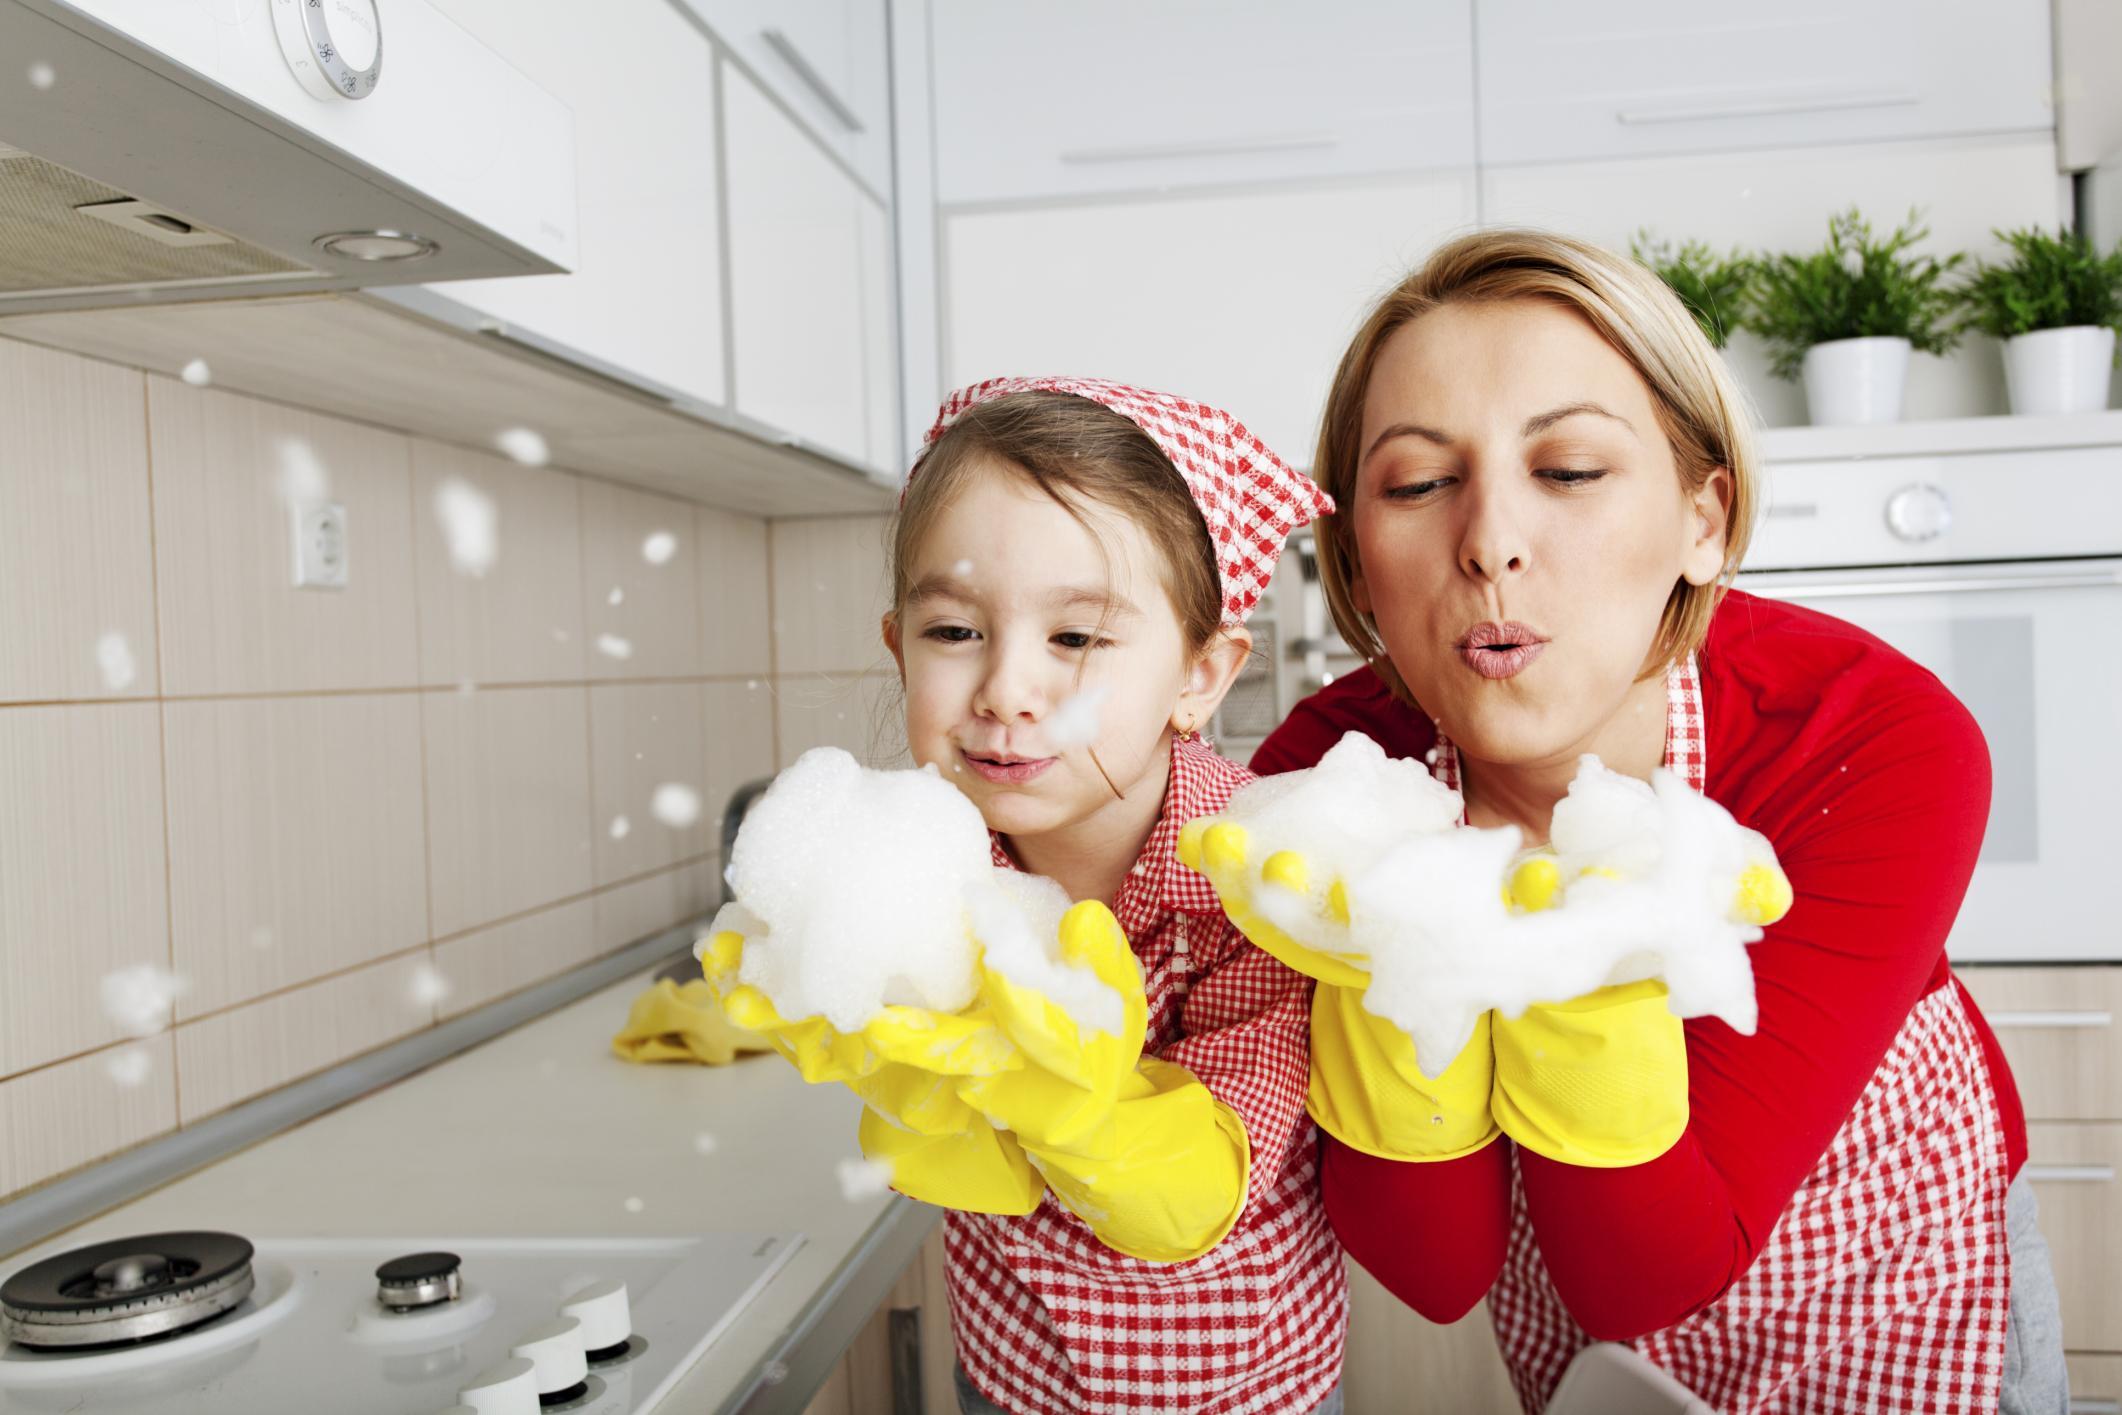 Как приучить ребенка к порядку и чистоте в доме? Советы психолога